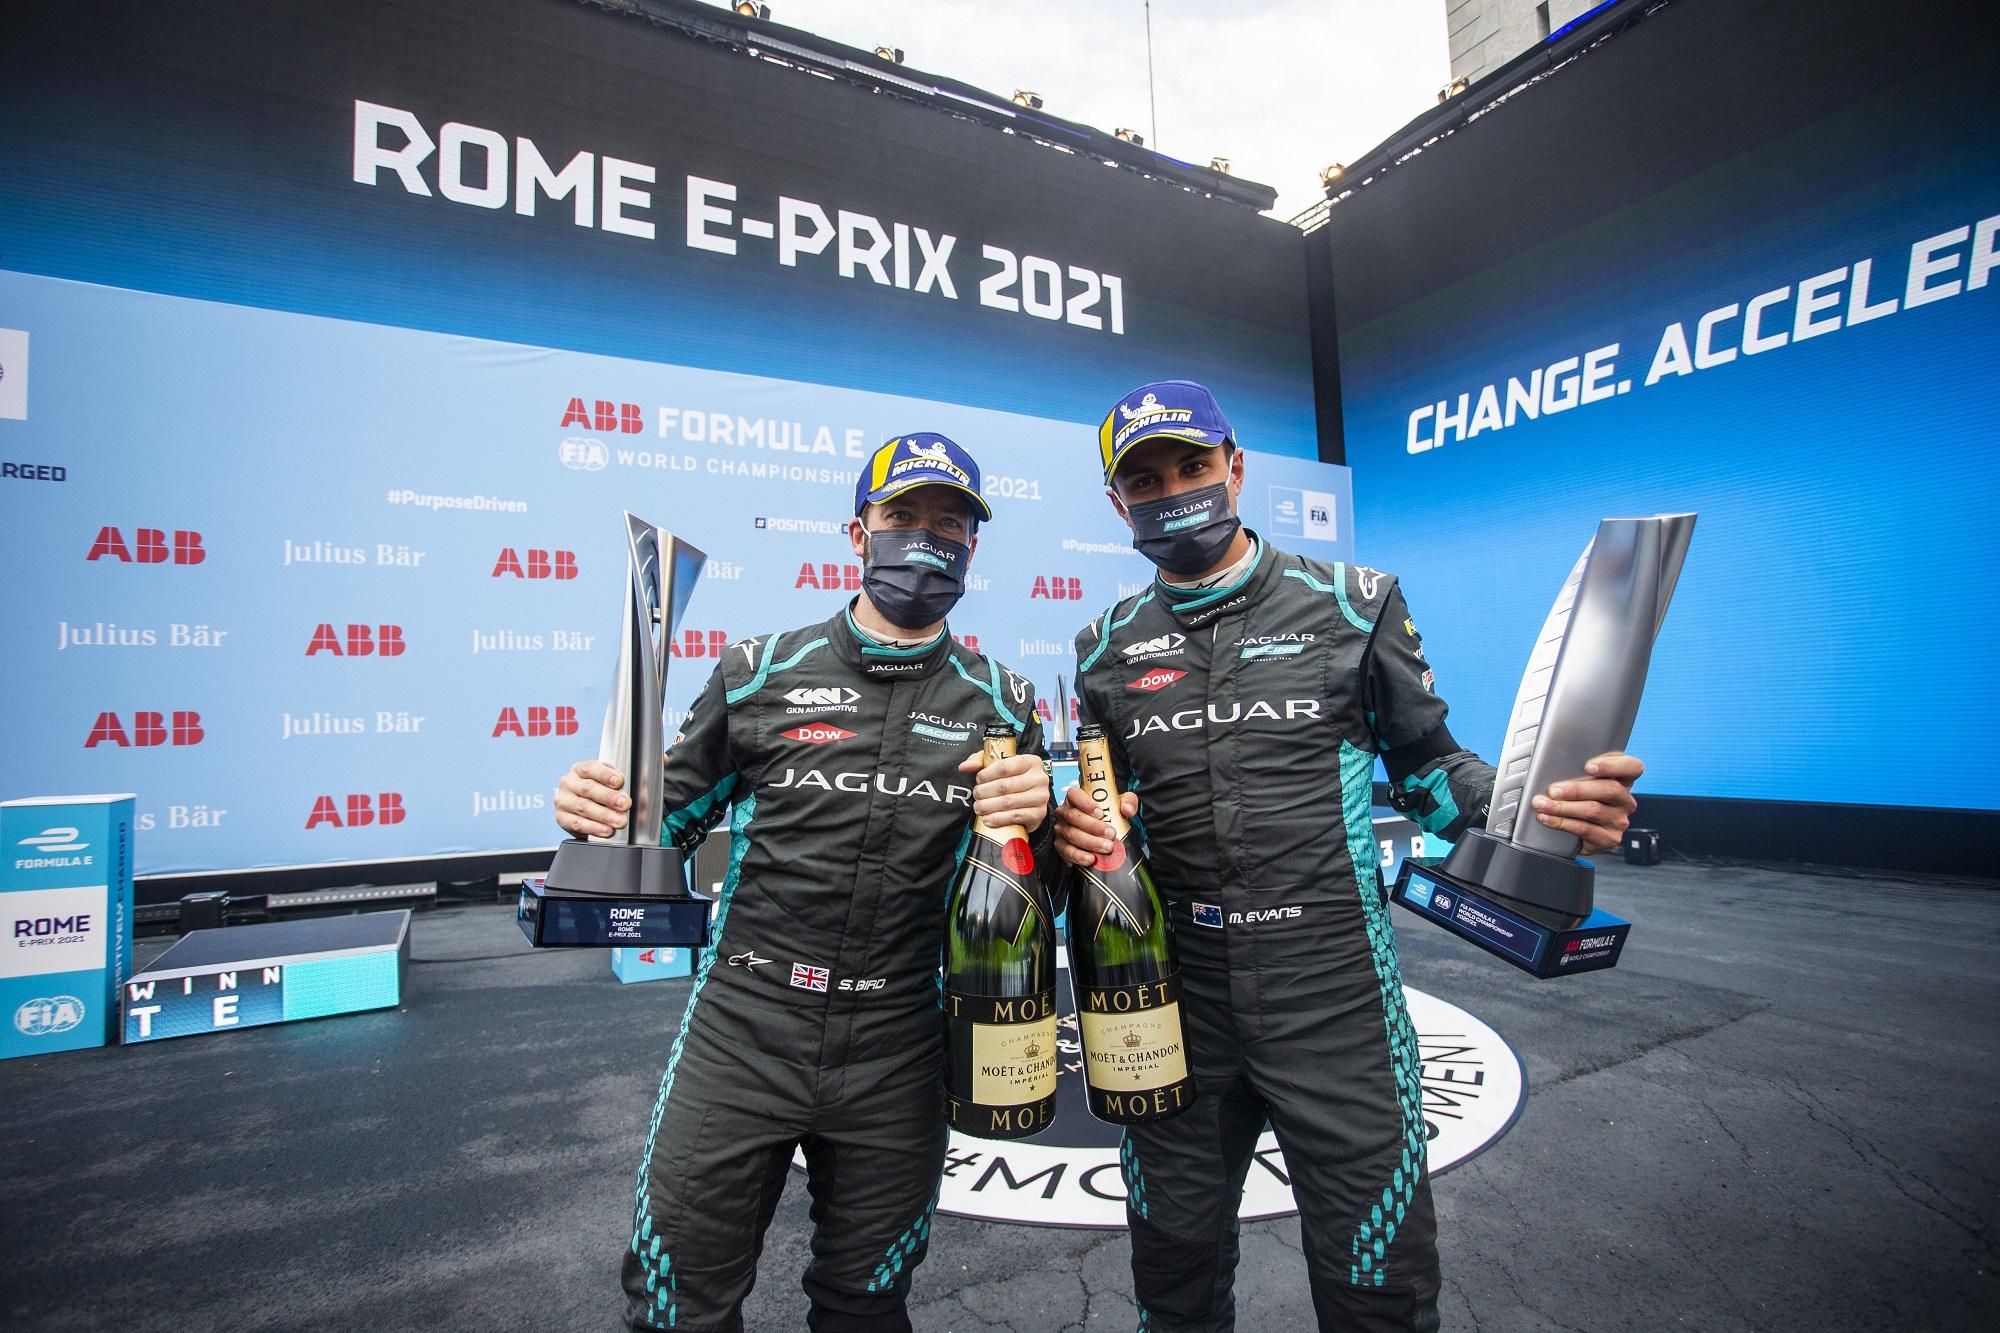 재규어, ABB FIA 포뮬러 E월드 챔피언십 7라운드 3위